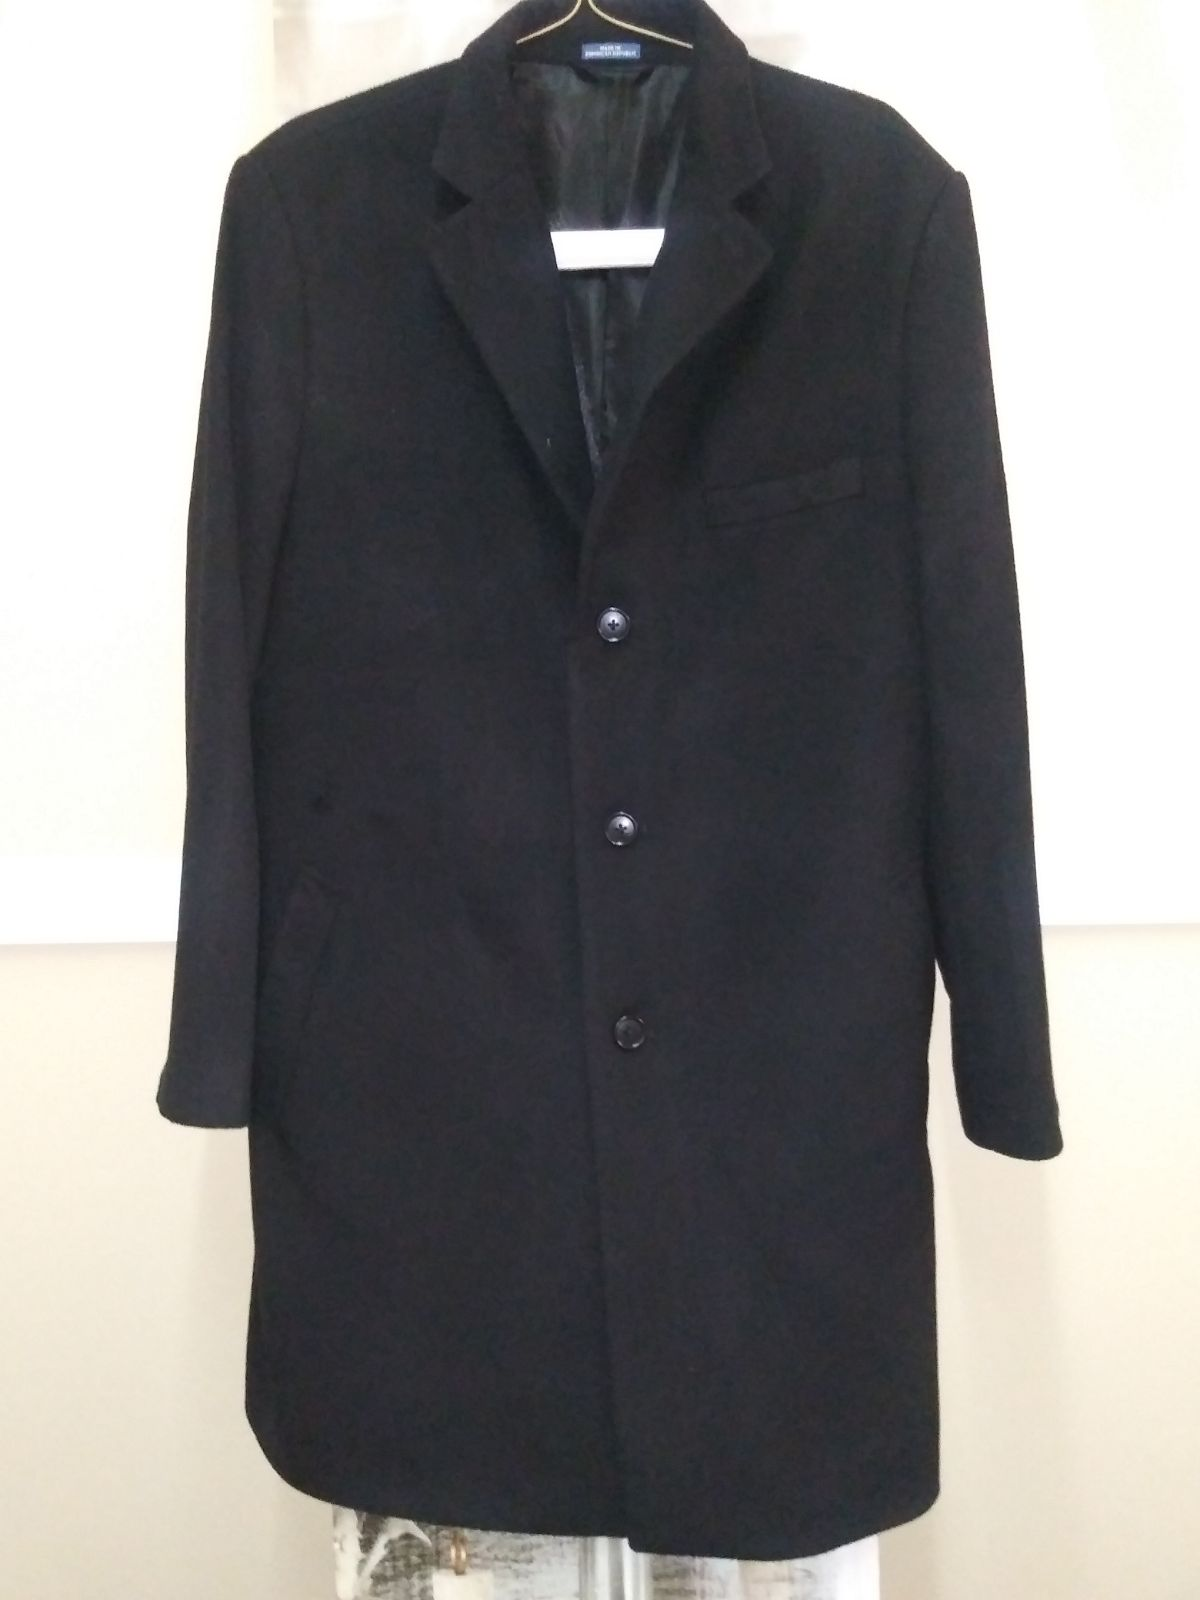 Wool Coat By Stafford Sz. 44Short